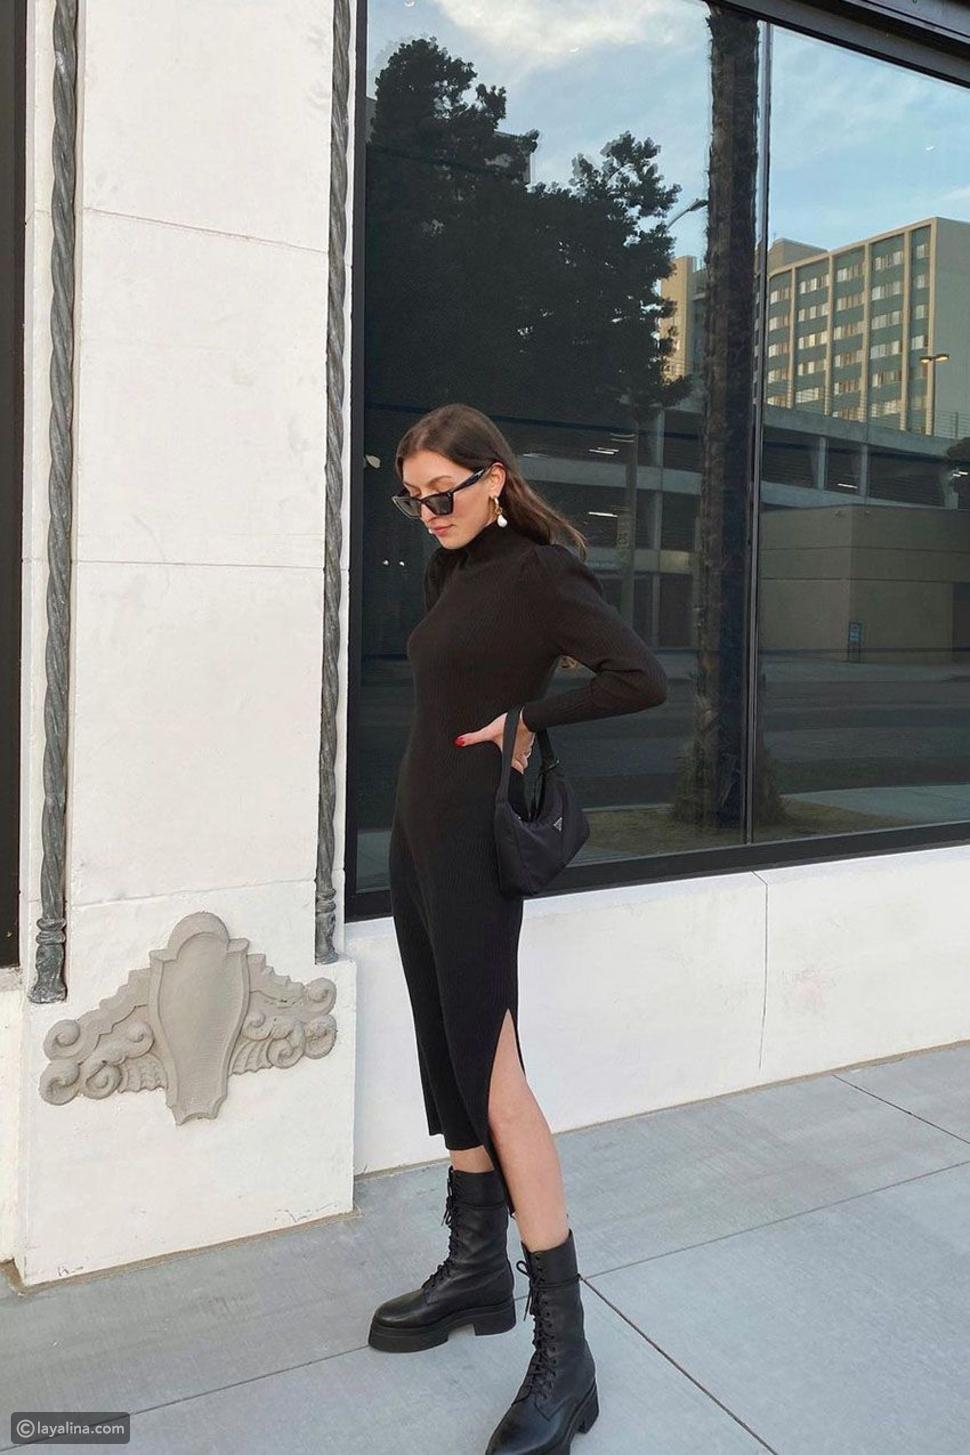 فستان منسوج مضلع مع حذاء عسكري وحقيبة يد صغيرة